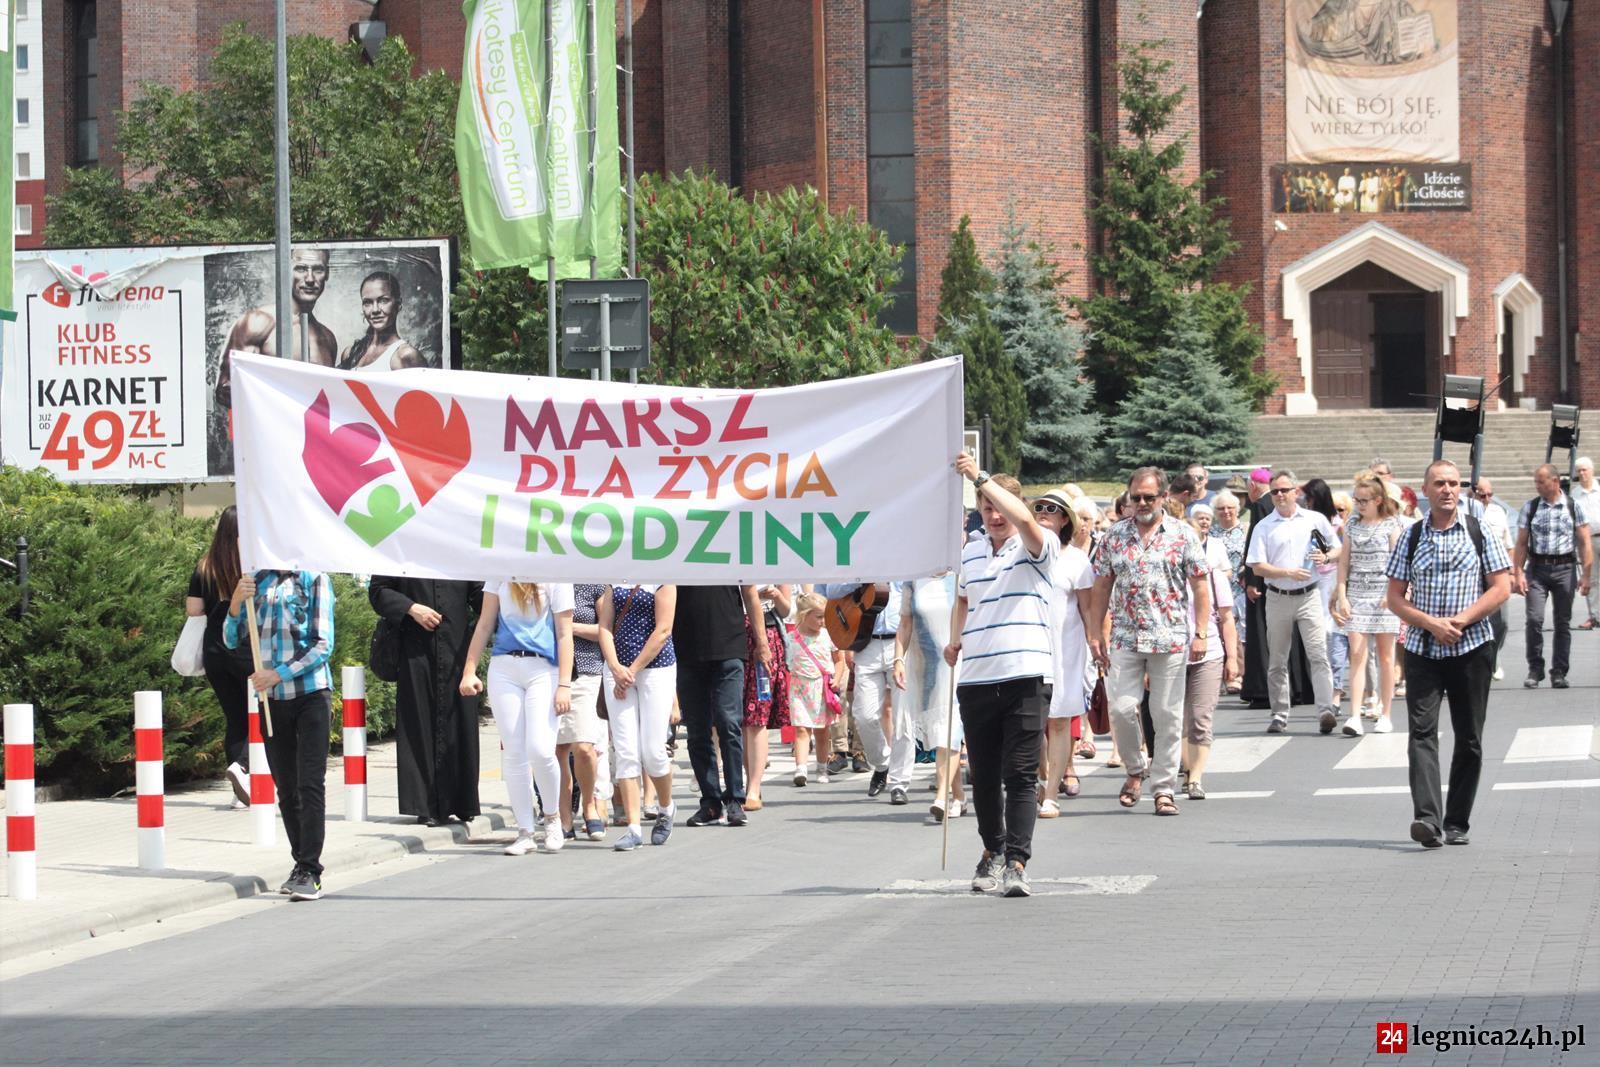 (FOTO) X Marsz dla życia i rodziny wyruszył spod kościoła Matki Bożej Królowej Polski